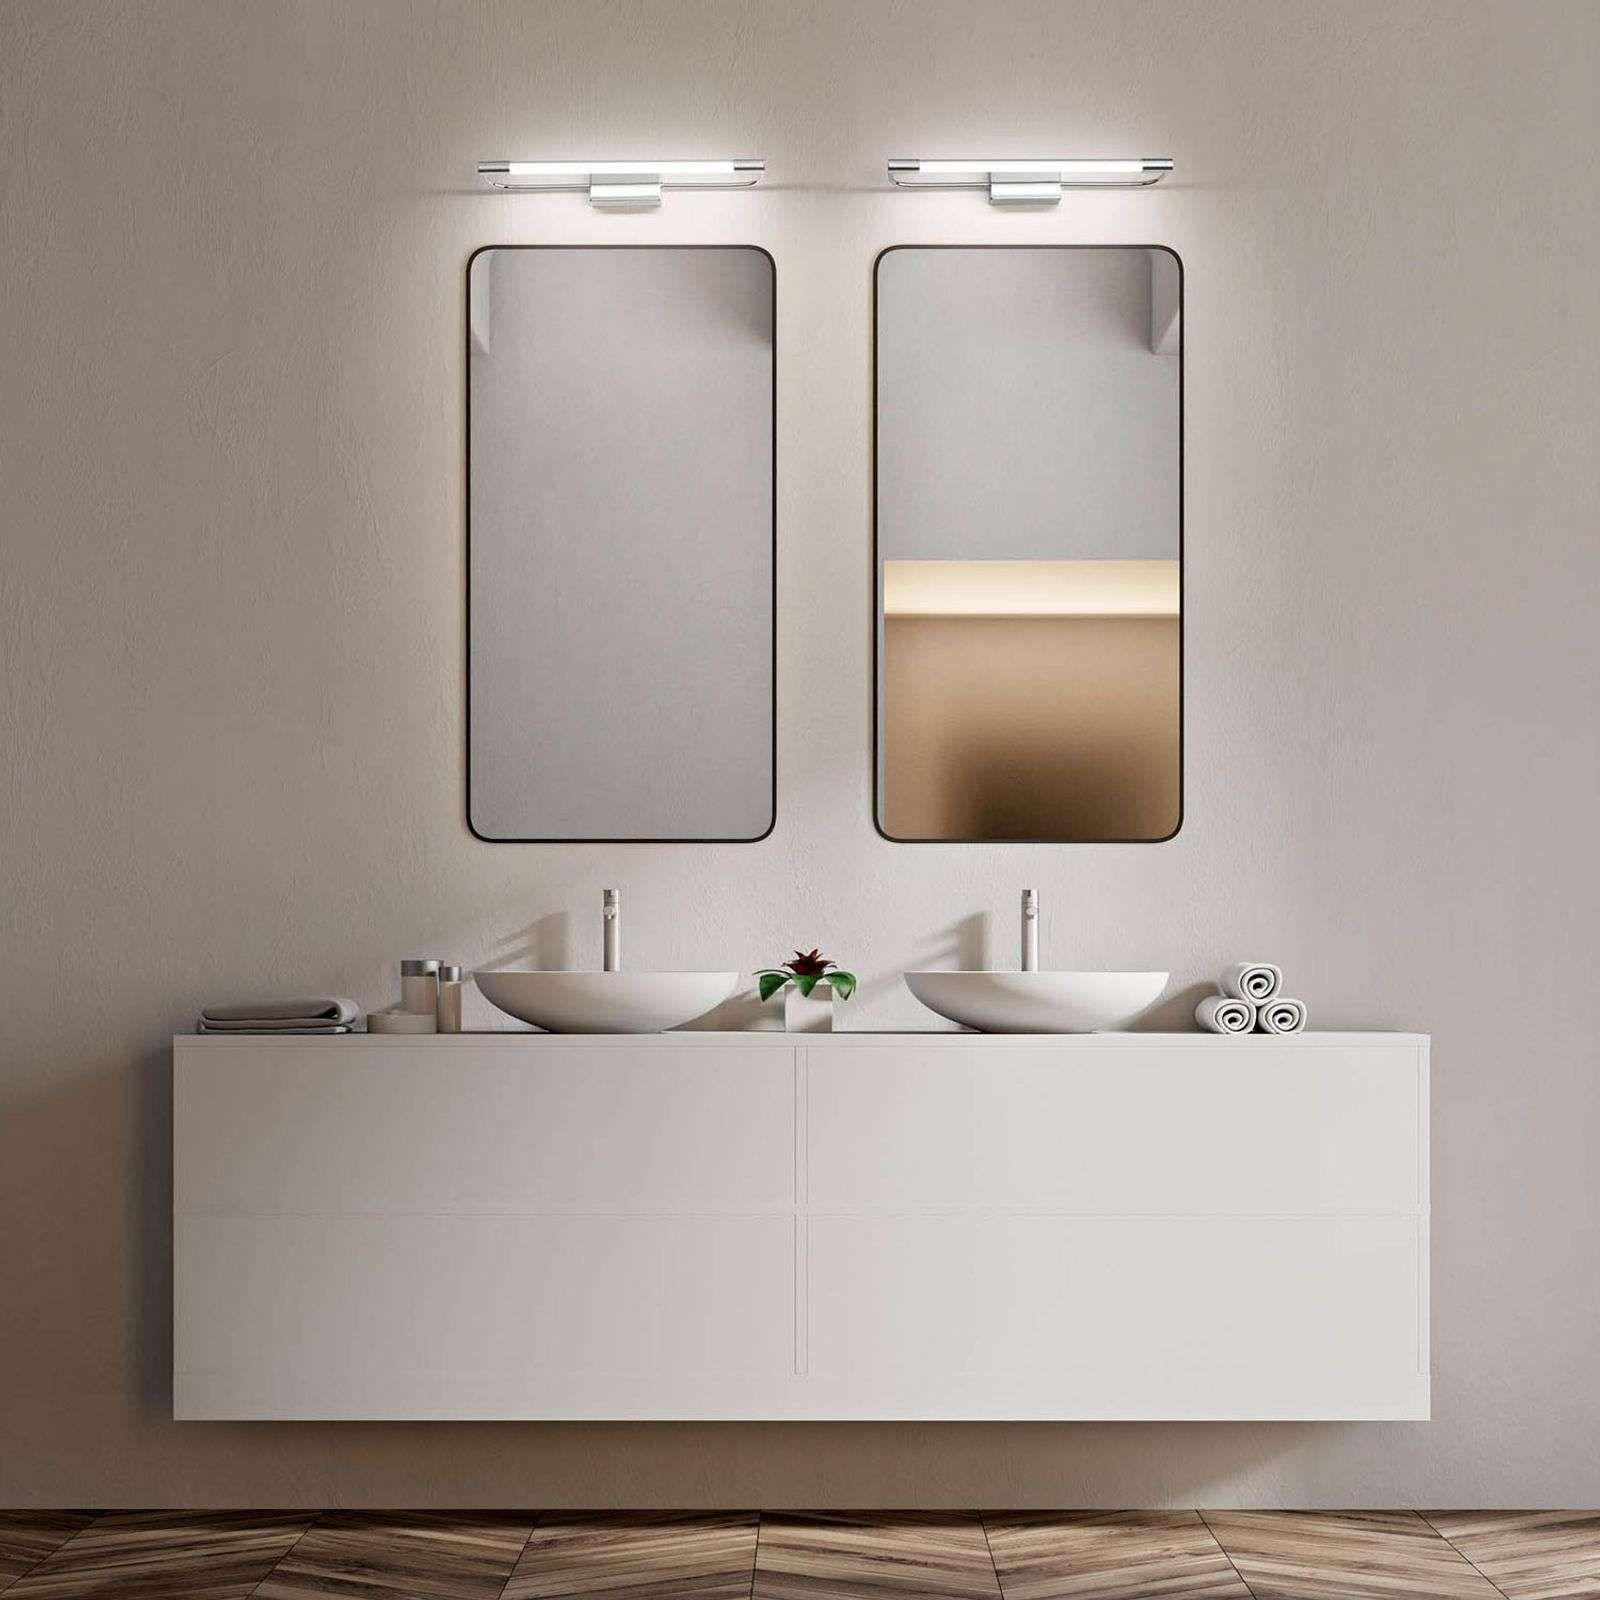 Moderne Bilderleuchte Rapallo Von Fabas Luce Silber In 2020 Wandleuchte Led Bilder Und Led